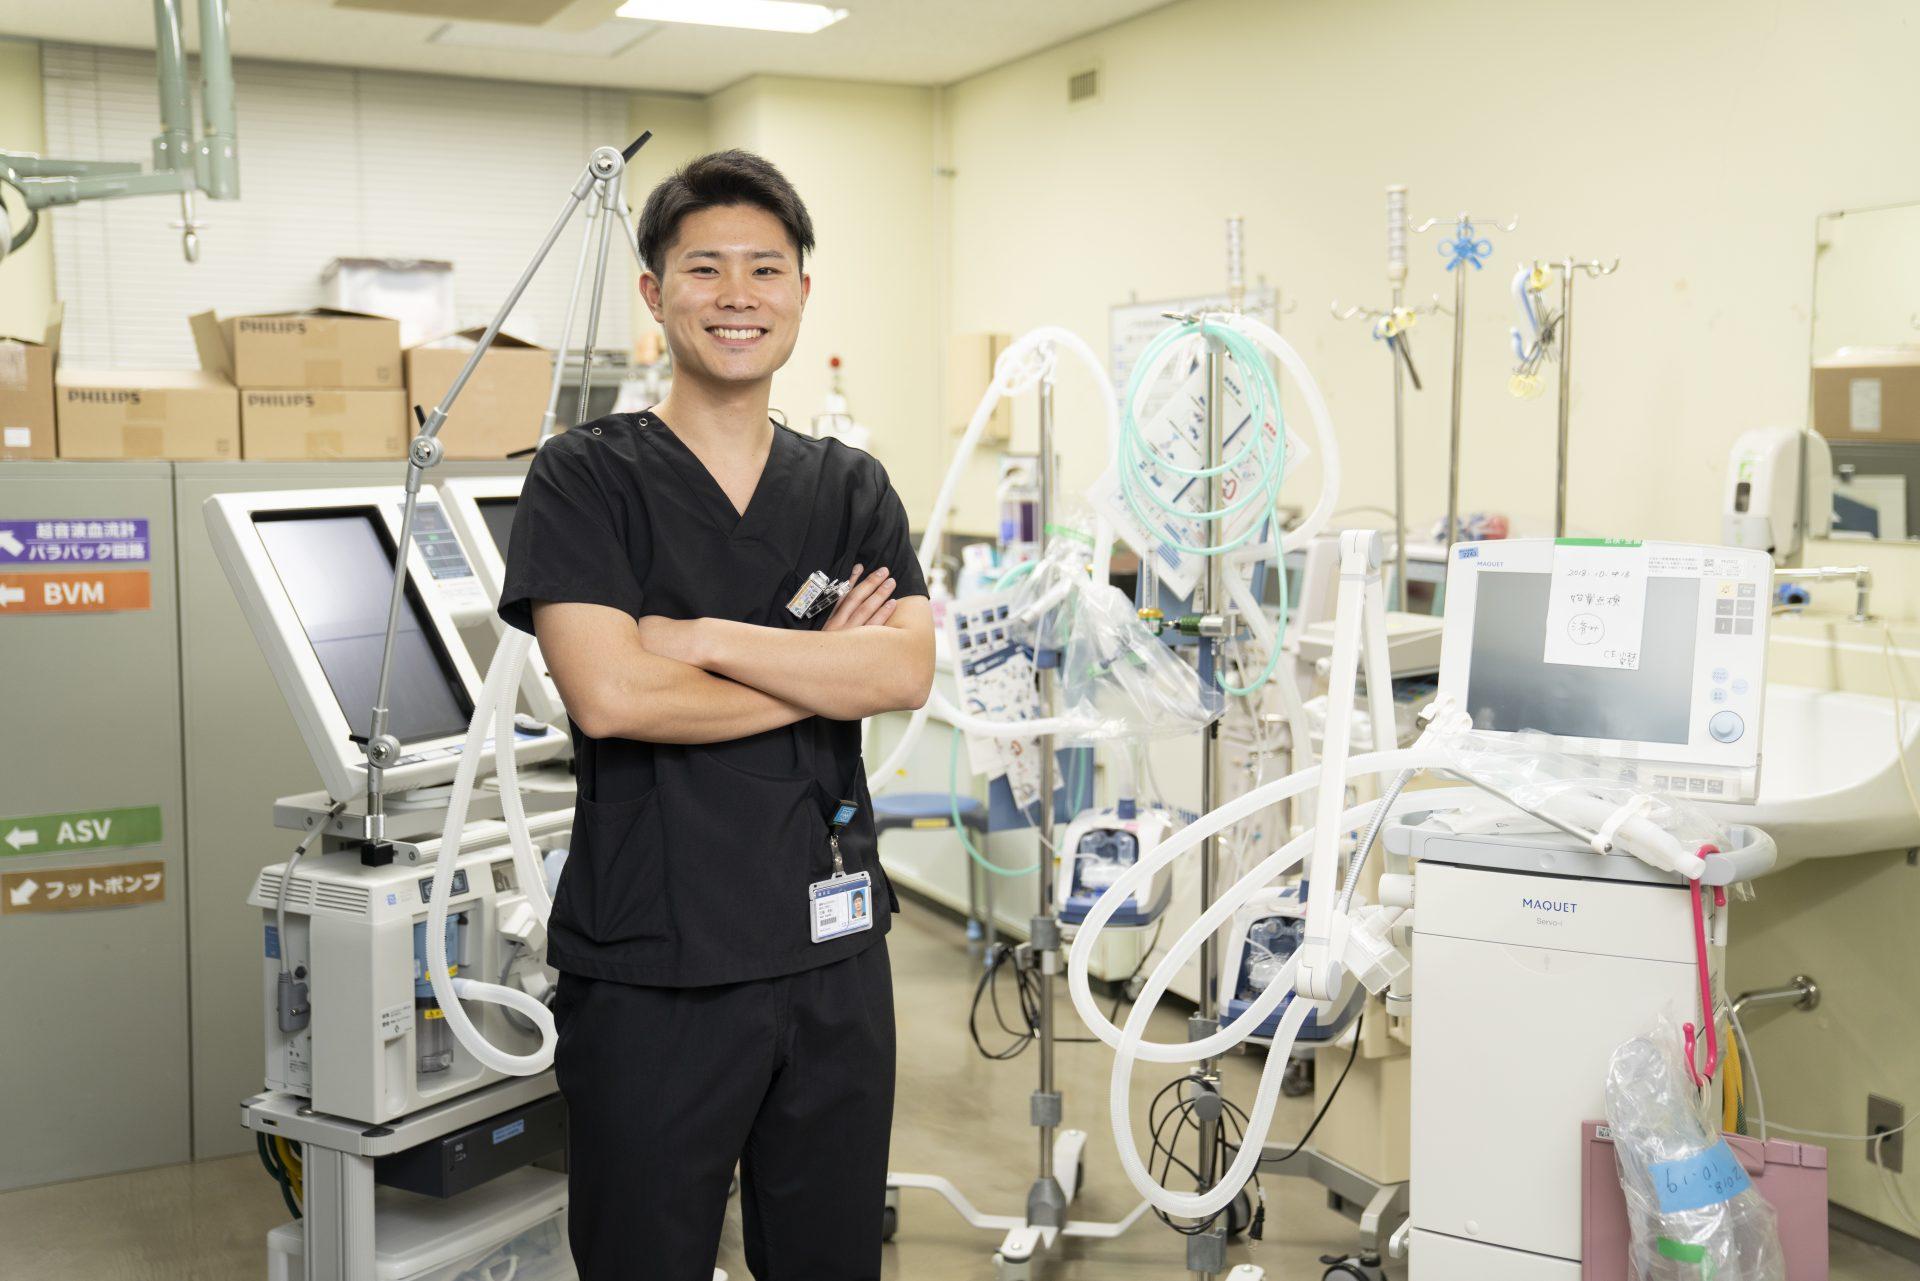 写真:臨床工学技士が笑顔で機会の前に立っている